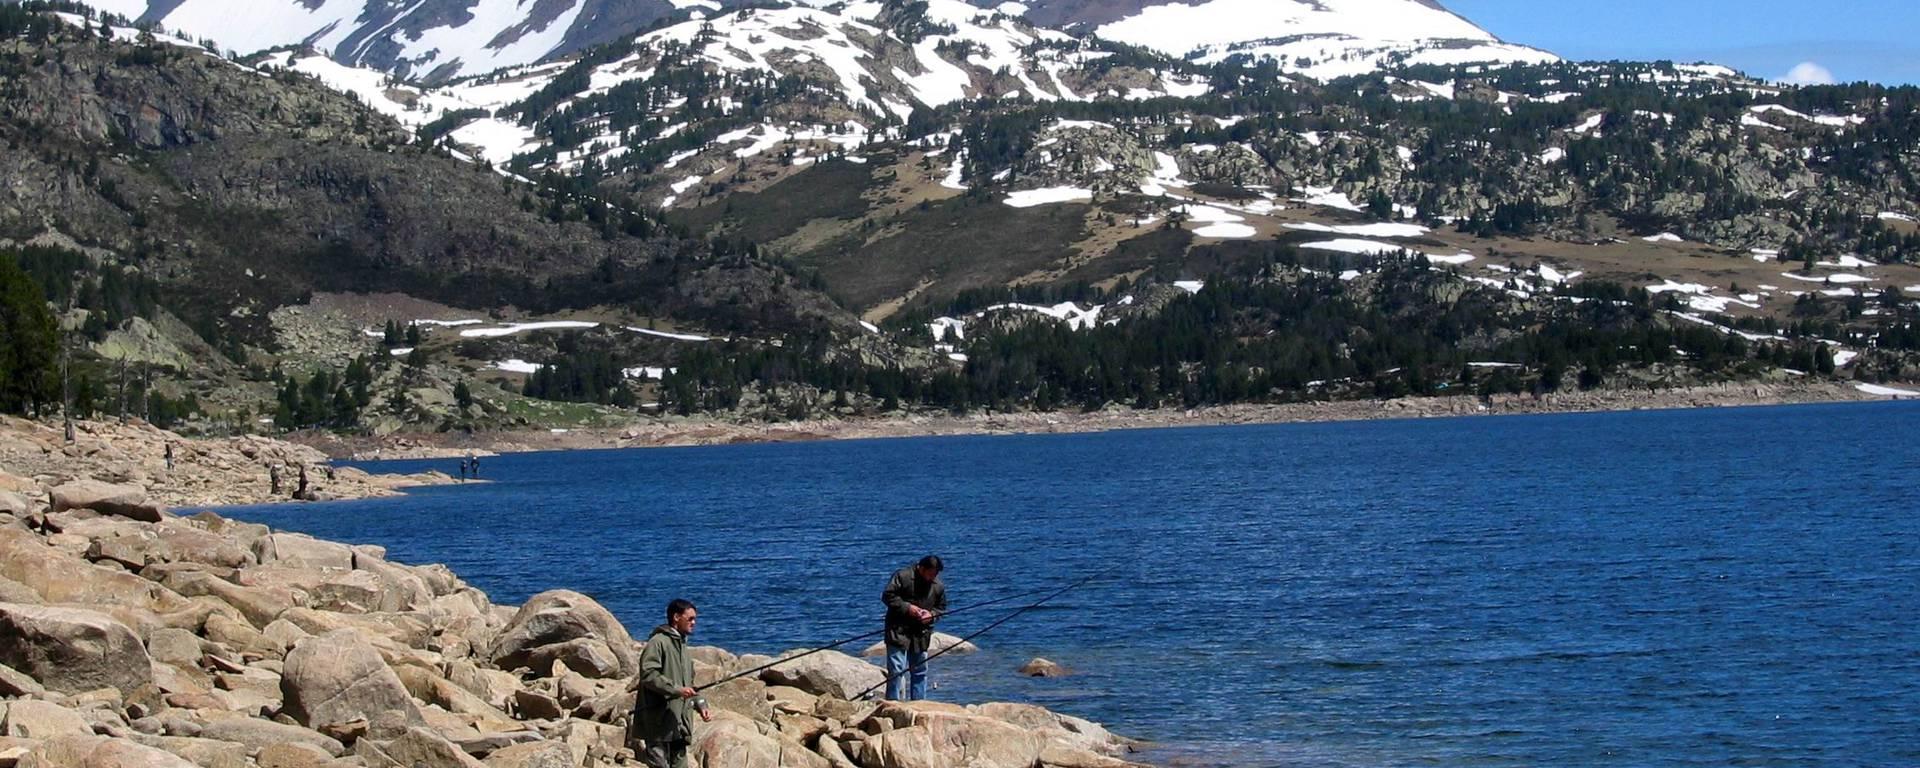 Ouverture de la pêche en lac de montagne, Pyrénées Cerdagne